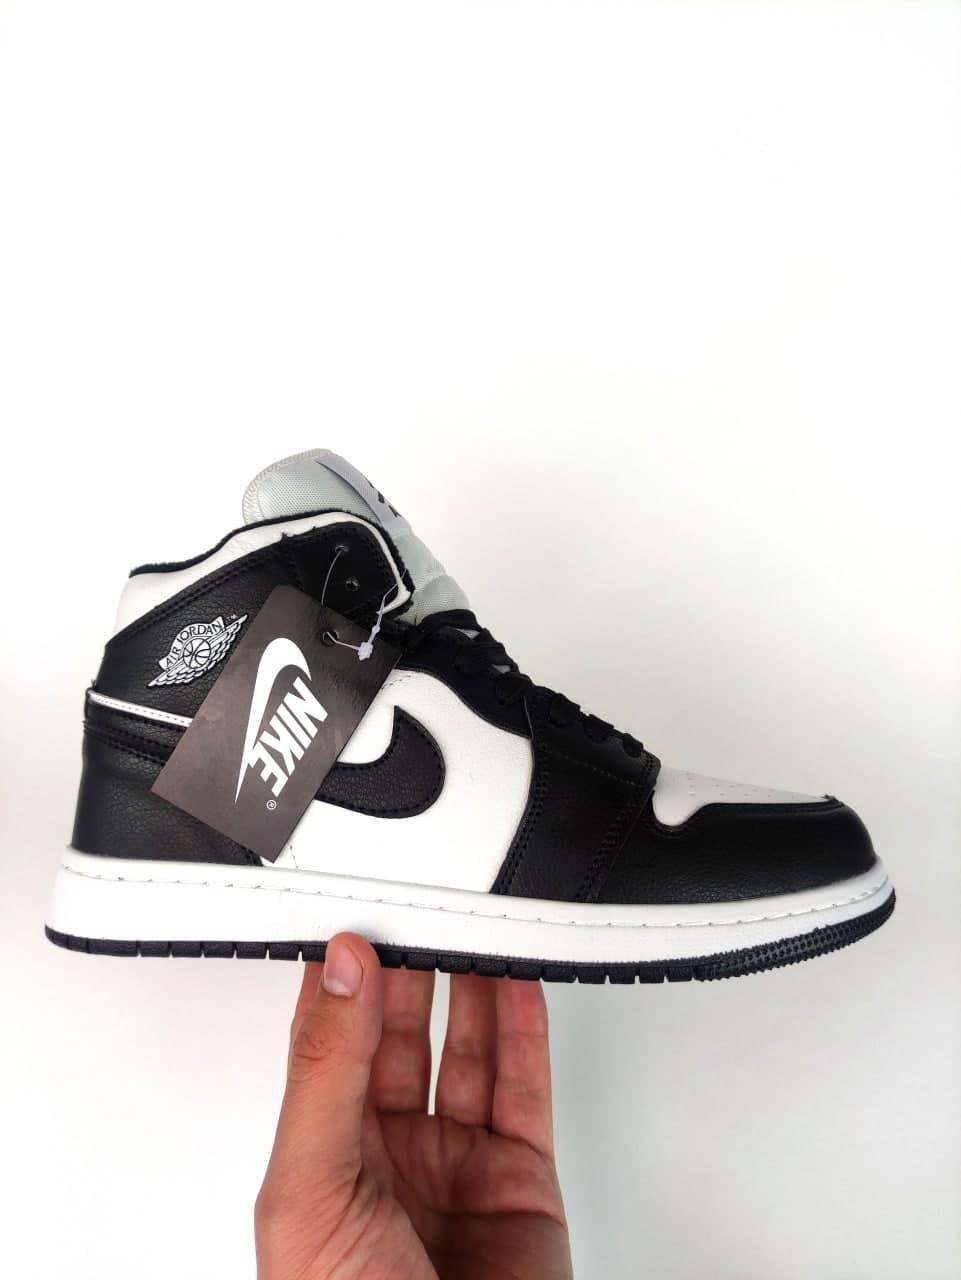 Чоловічі зимові кросівки Nike Air Jordan 1 Retro Winter (біло-чорні) К10781 круті високі кроси